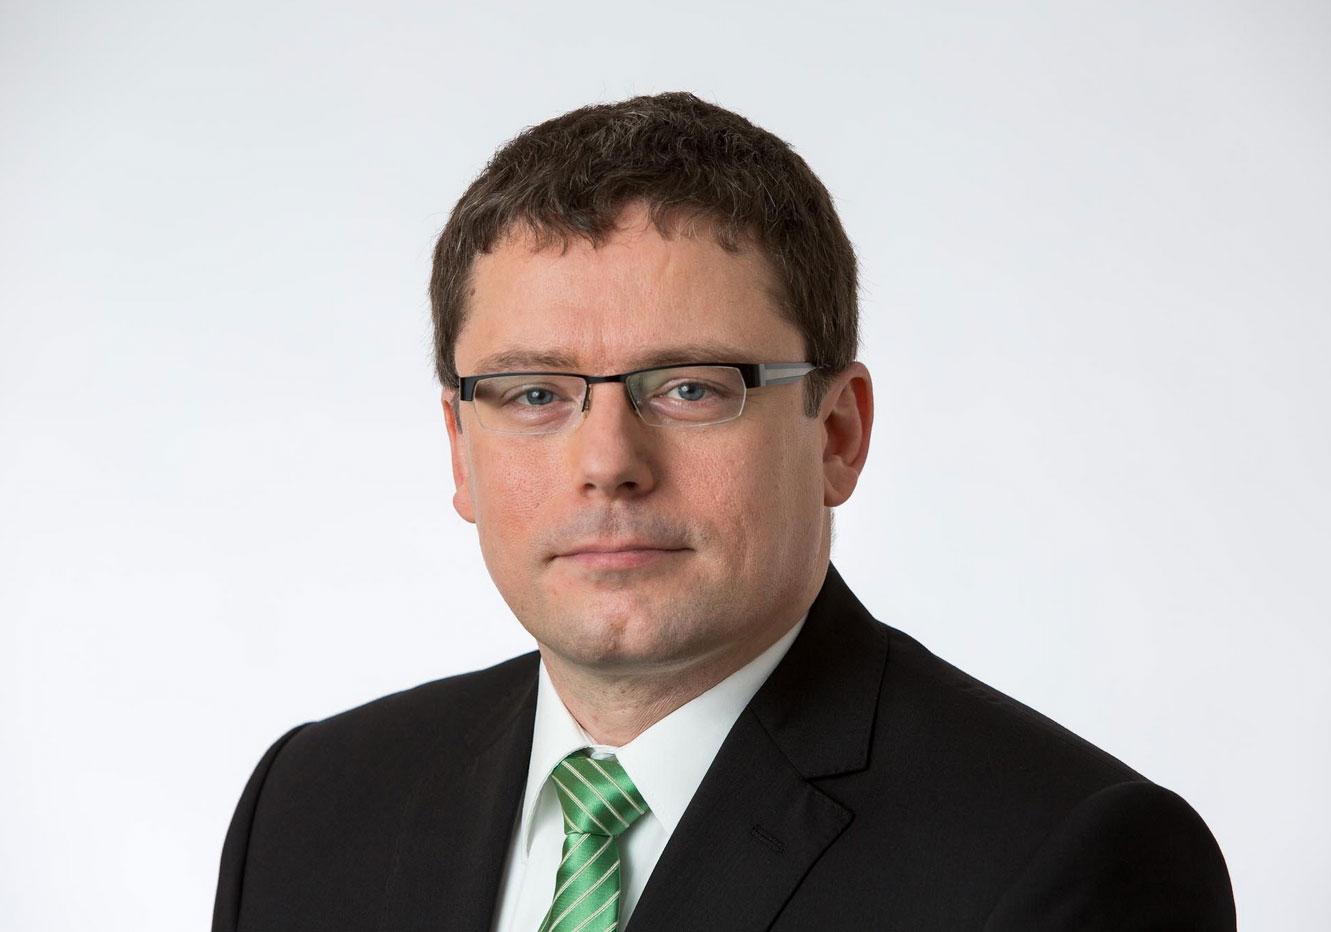 <b>Thomas-Walther</b>, Geschäftsführer der Thüga Erneuerbare Energien GmbH & Co. - Thomas-Walther